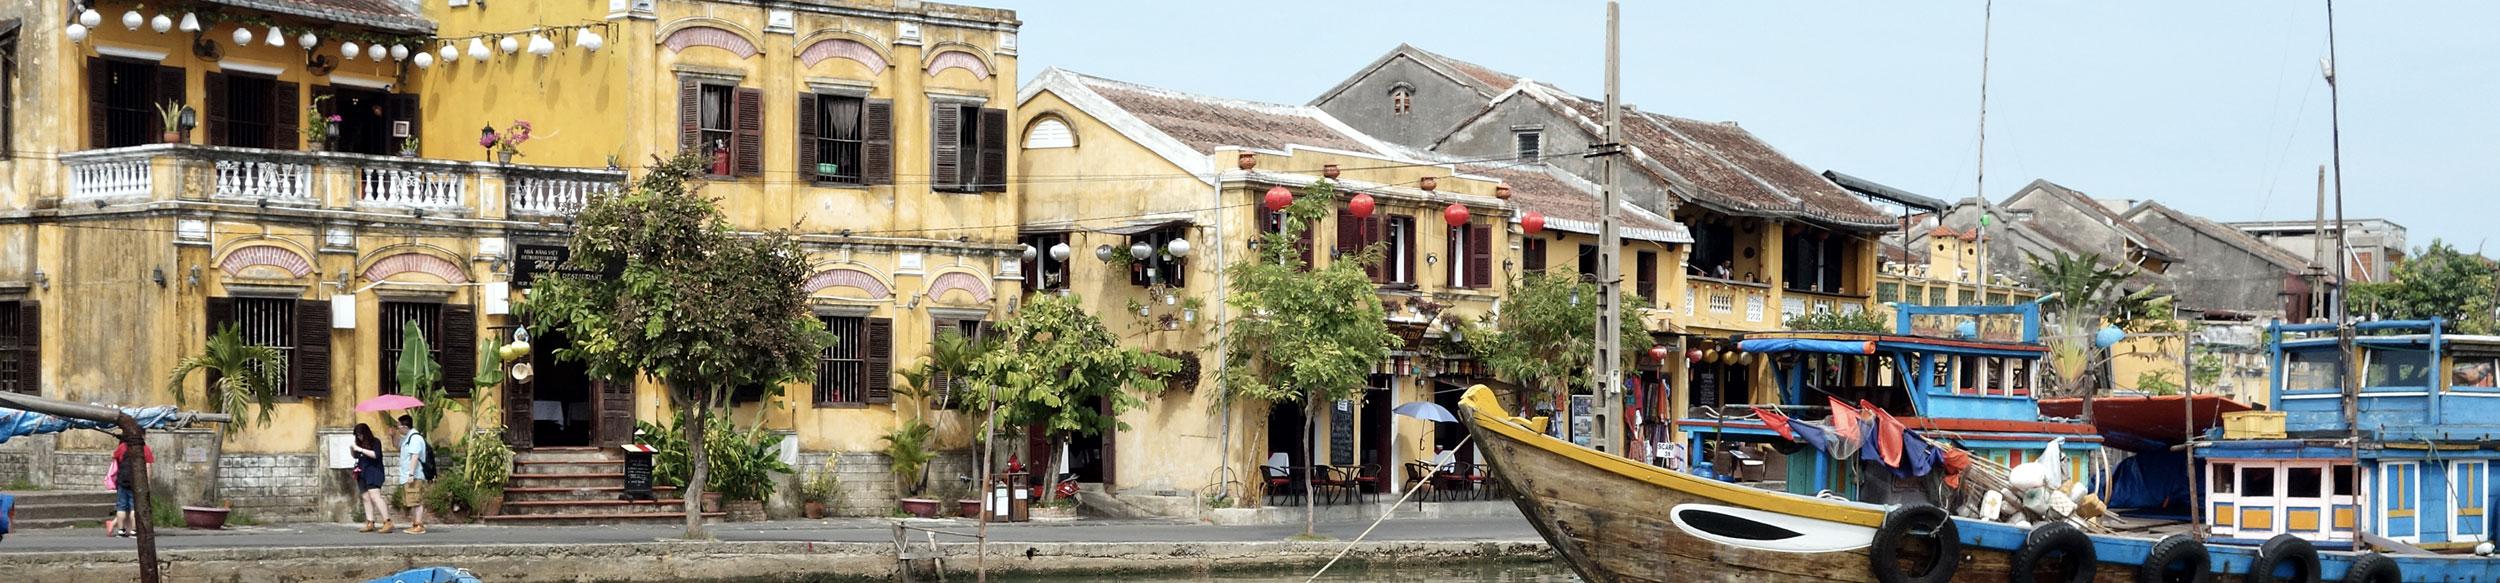 Quai de la vieille ville de Hoi An au Vietnam